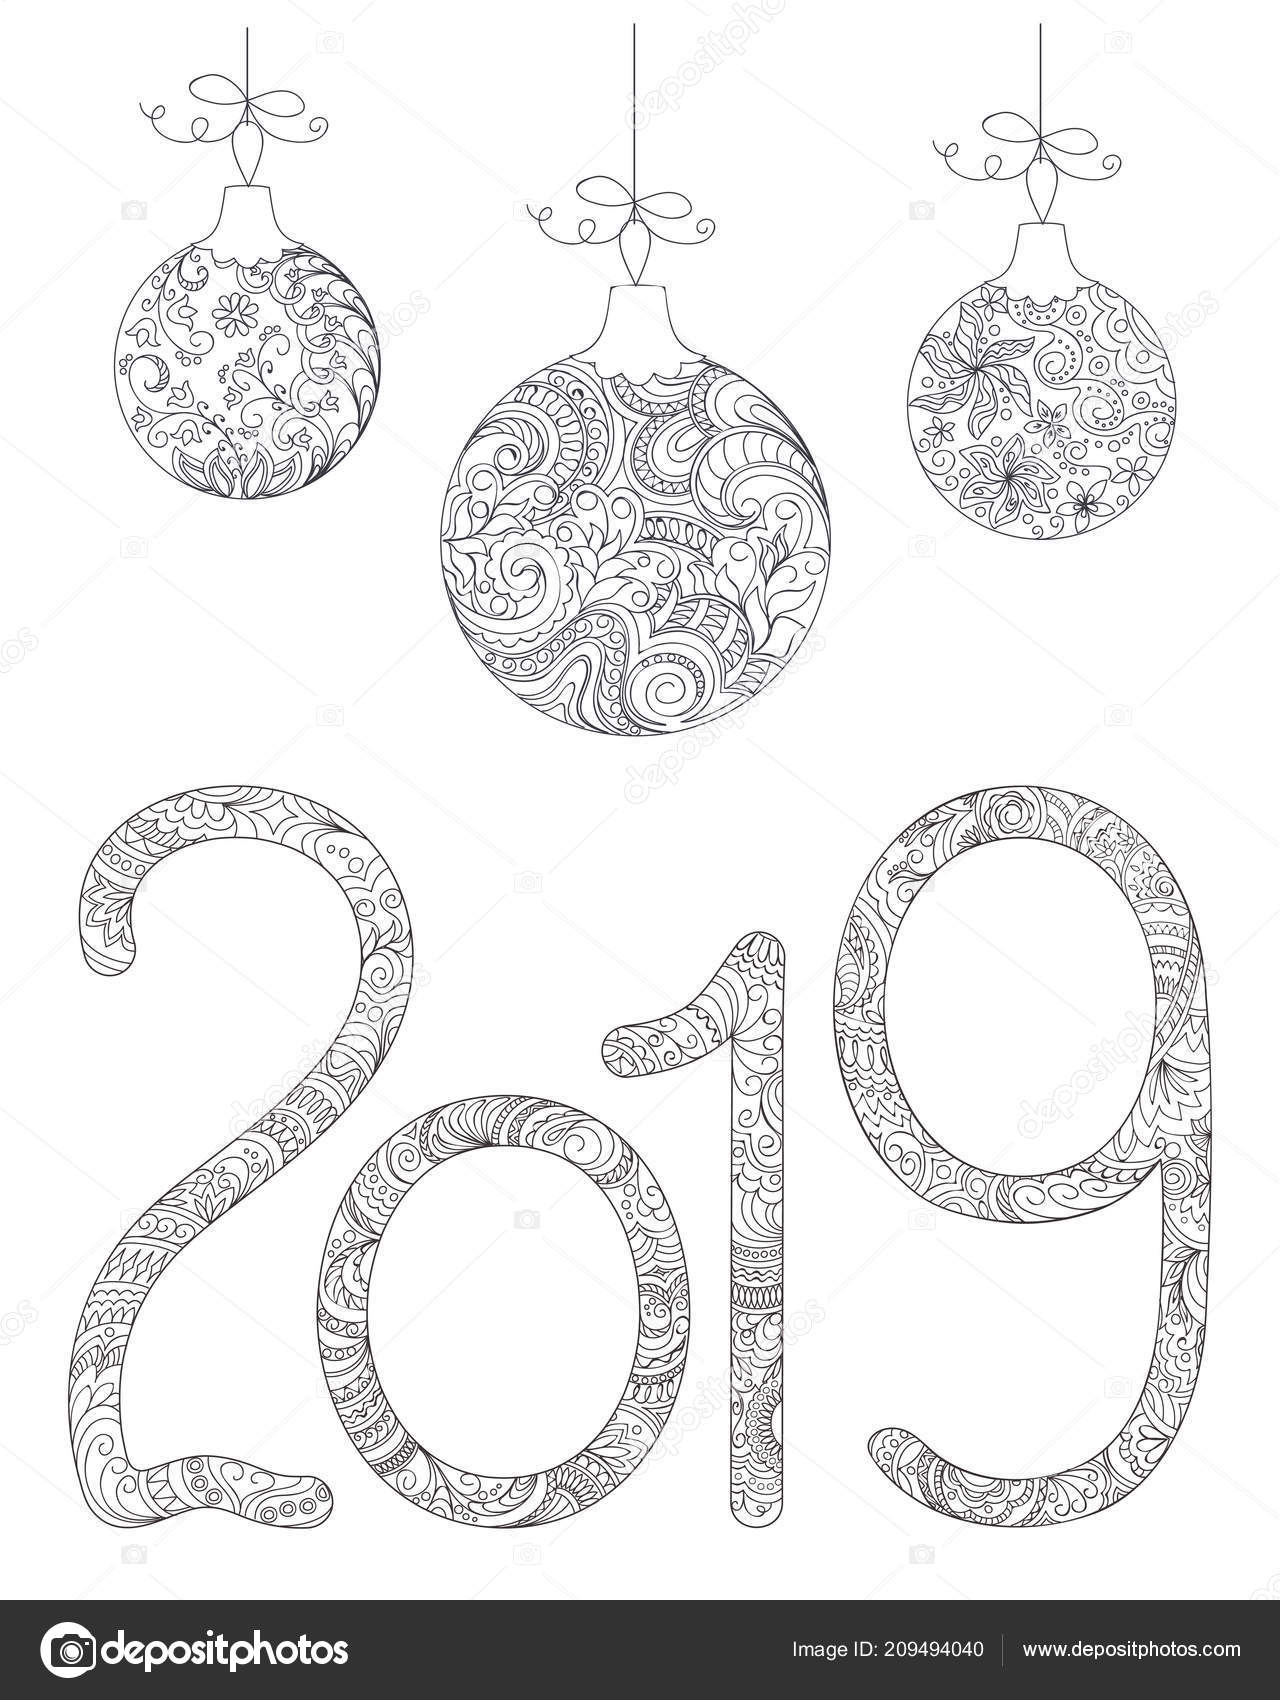 Bolas De Navidad Dibujos Para Colorear.Manuscrito Numero 2019 Bolas Navidad Con Dibujos Con Formas